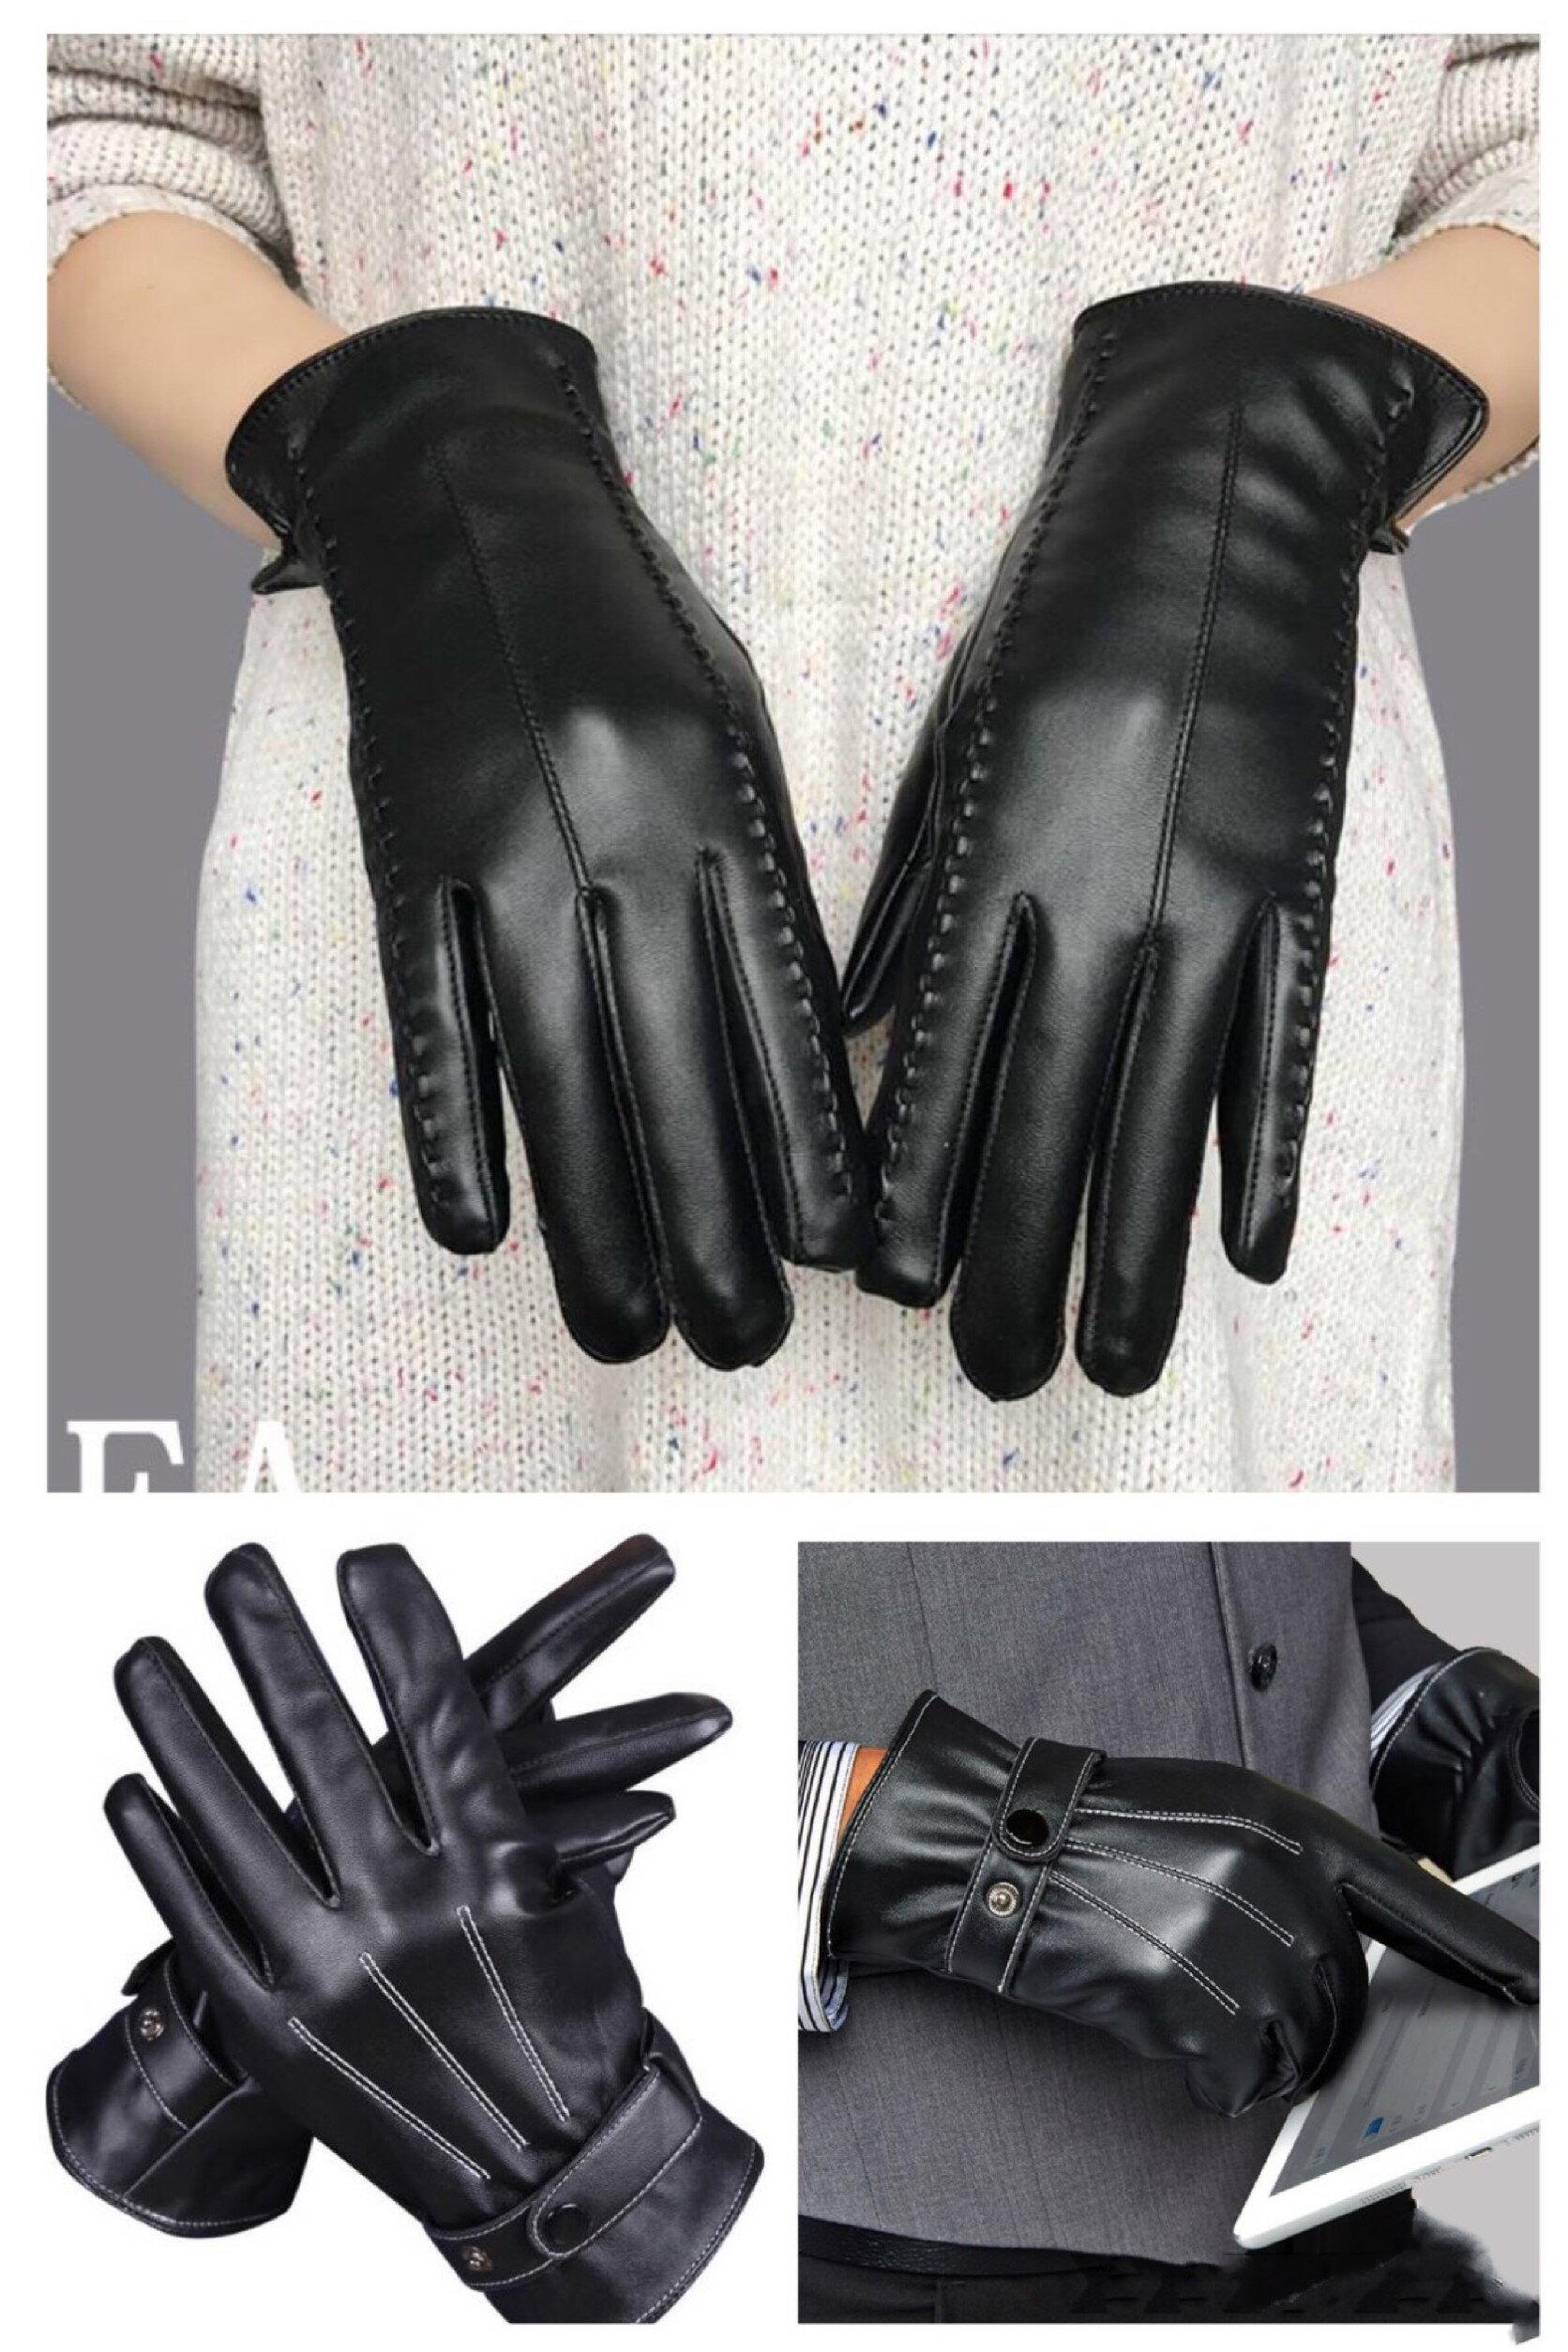 【MG】手套 買一送一 觸控加絨保暖皮手套~ 防風手套 防水手套 防寒手套 騎士手套